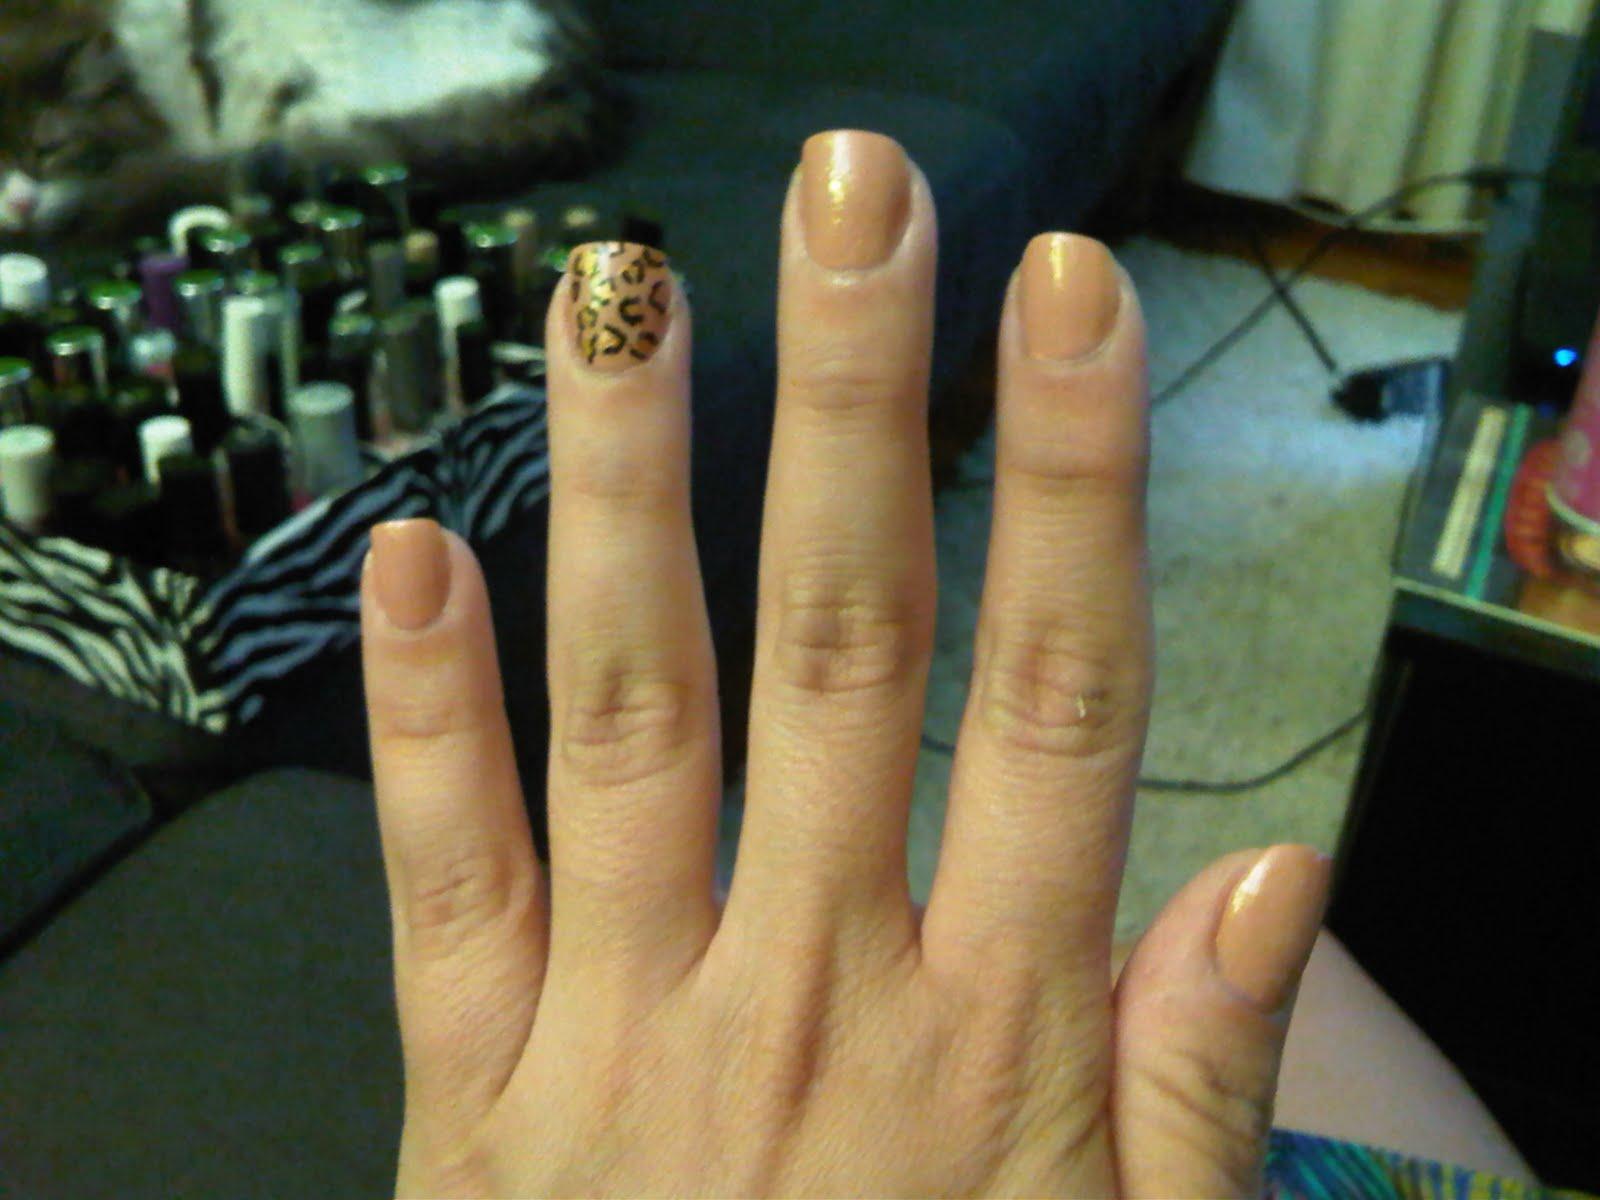 http://1.bp.blogspot.com/_IVssY4GUoDM/TE3FjlMr9cI/AAAAAAAABKQ/oi8PZgGbRaE/s1600/manicure.jpg